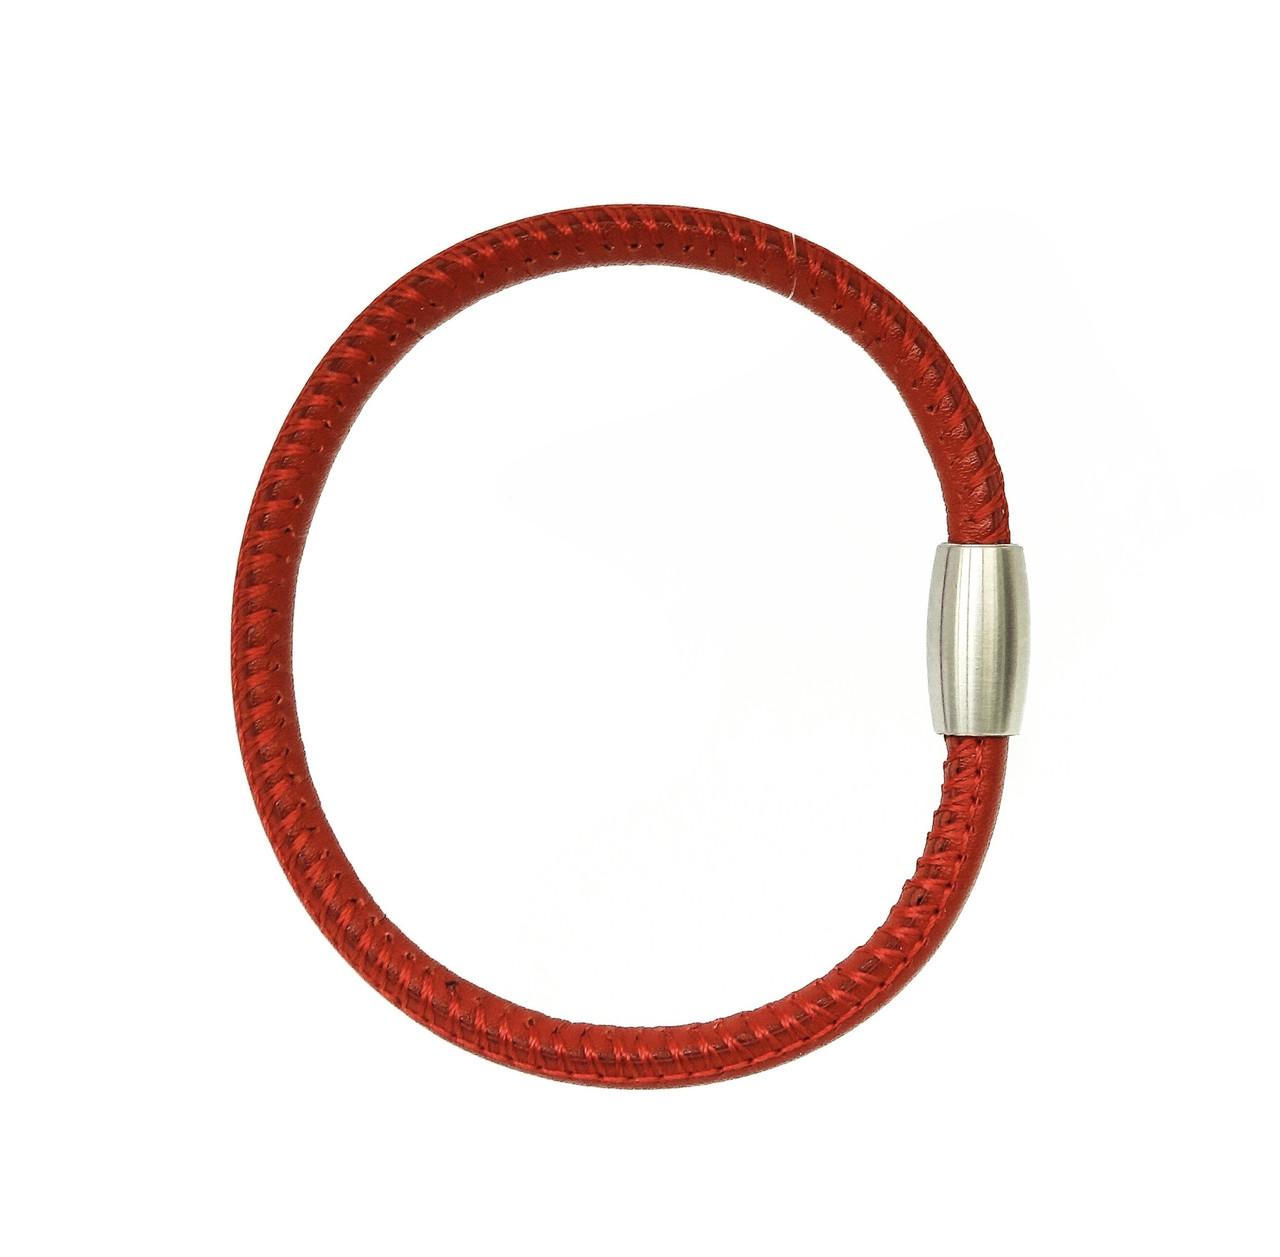 Серебряный браслет из натуральной кожи. Вес: 5,7 гр, размер: 19,5 см, застежка: магнит, цвет: красный